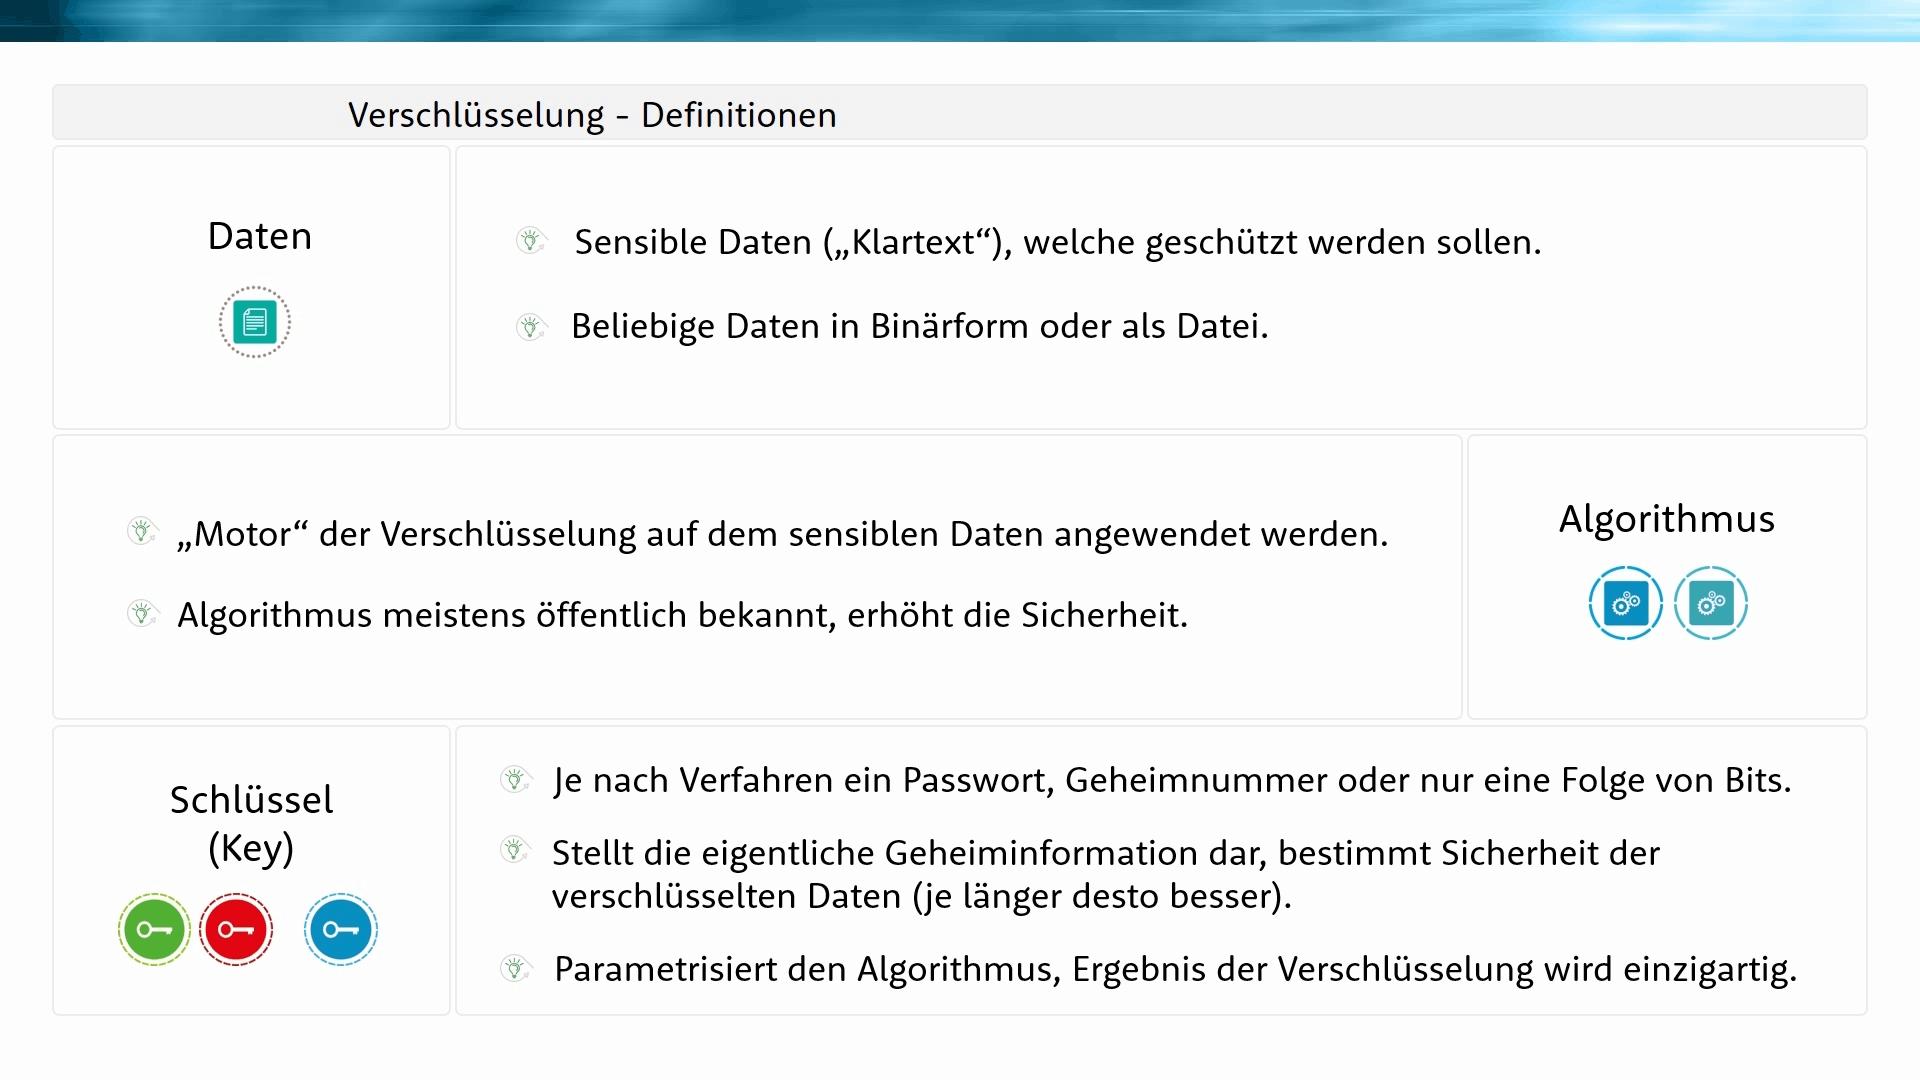 Verschlüsselung - Definitionen